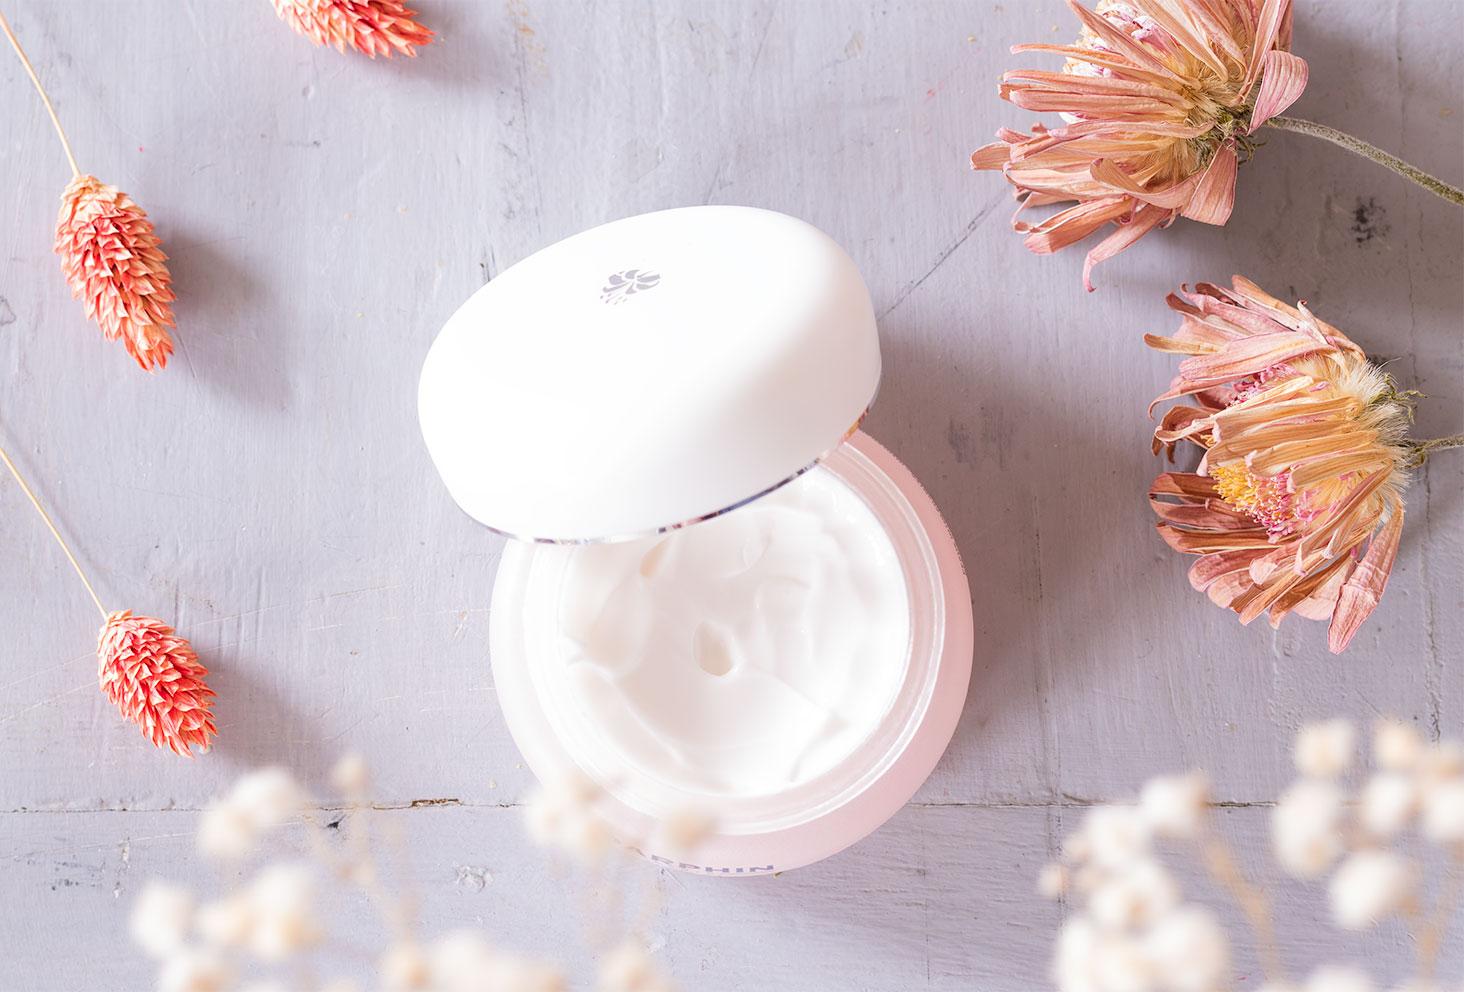 Zoom sur le pot de la crème apaisante de Darphin ouverte au milieu de fleurs séchées sur une table vintage